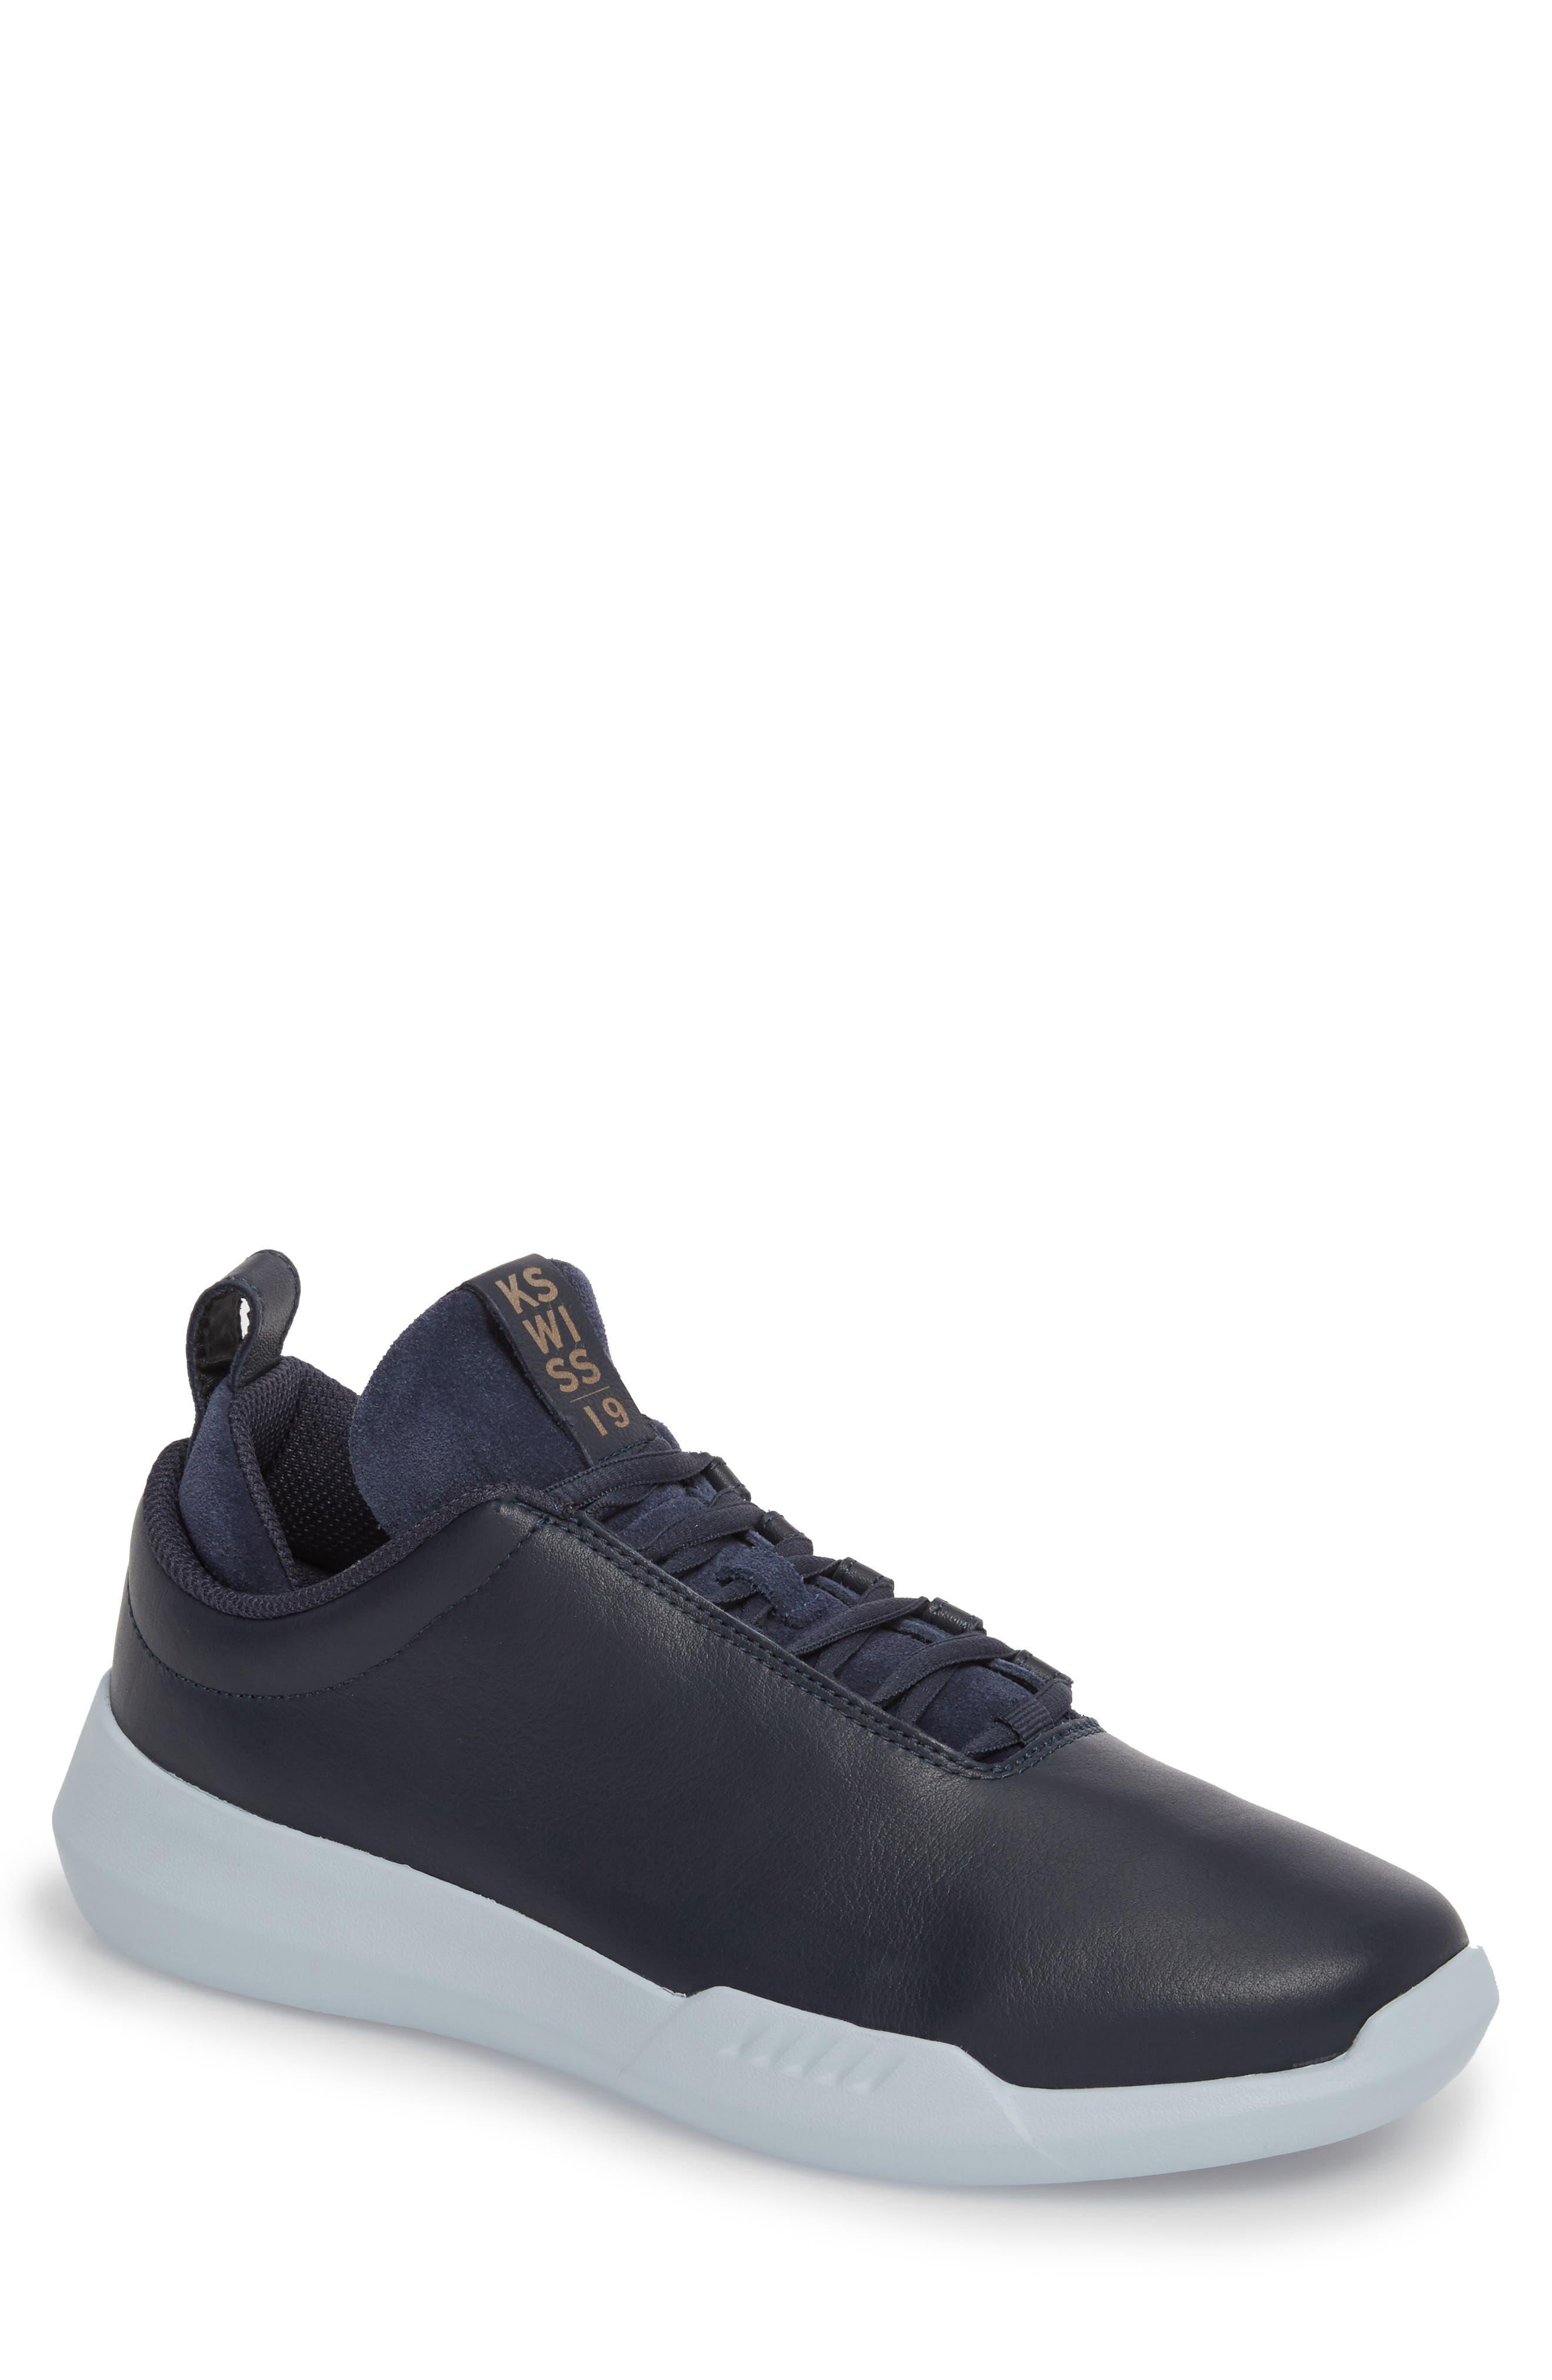 K-SWISS Gen-K Icon Sneaker in Navy/Celestial Blue